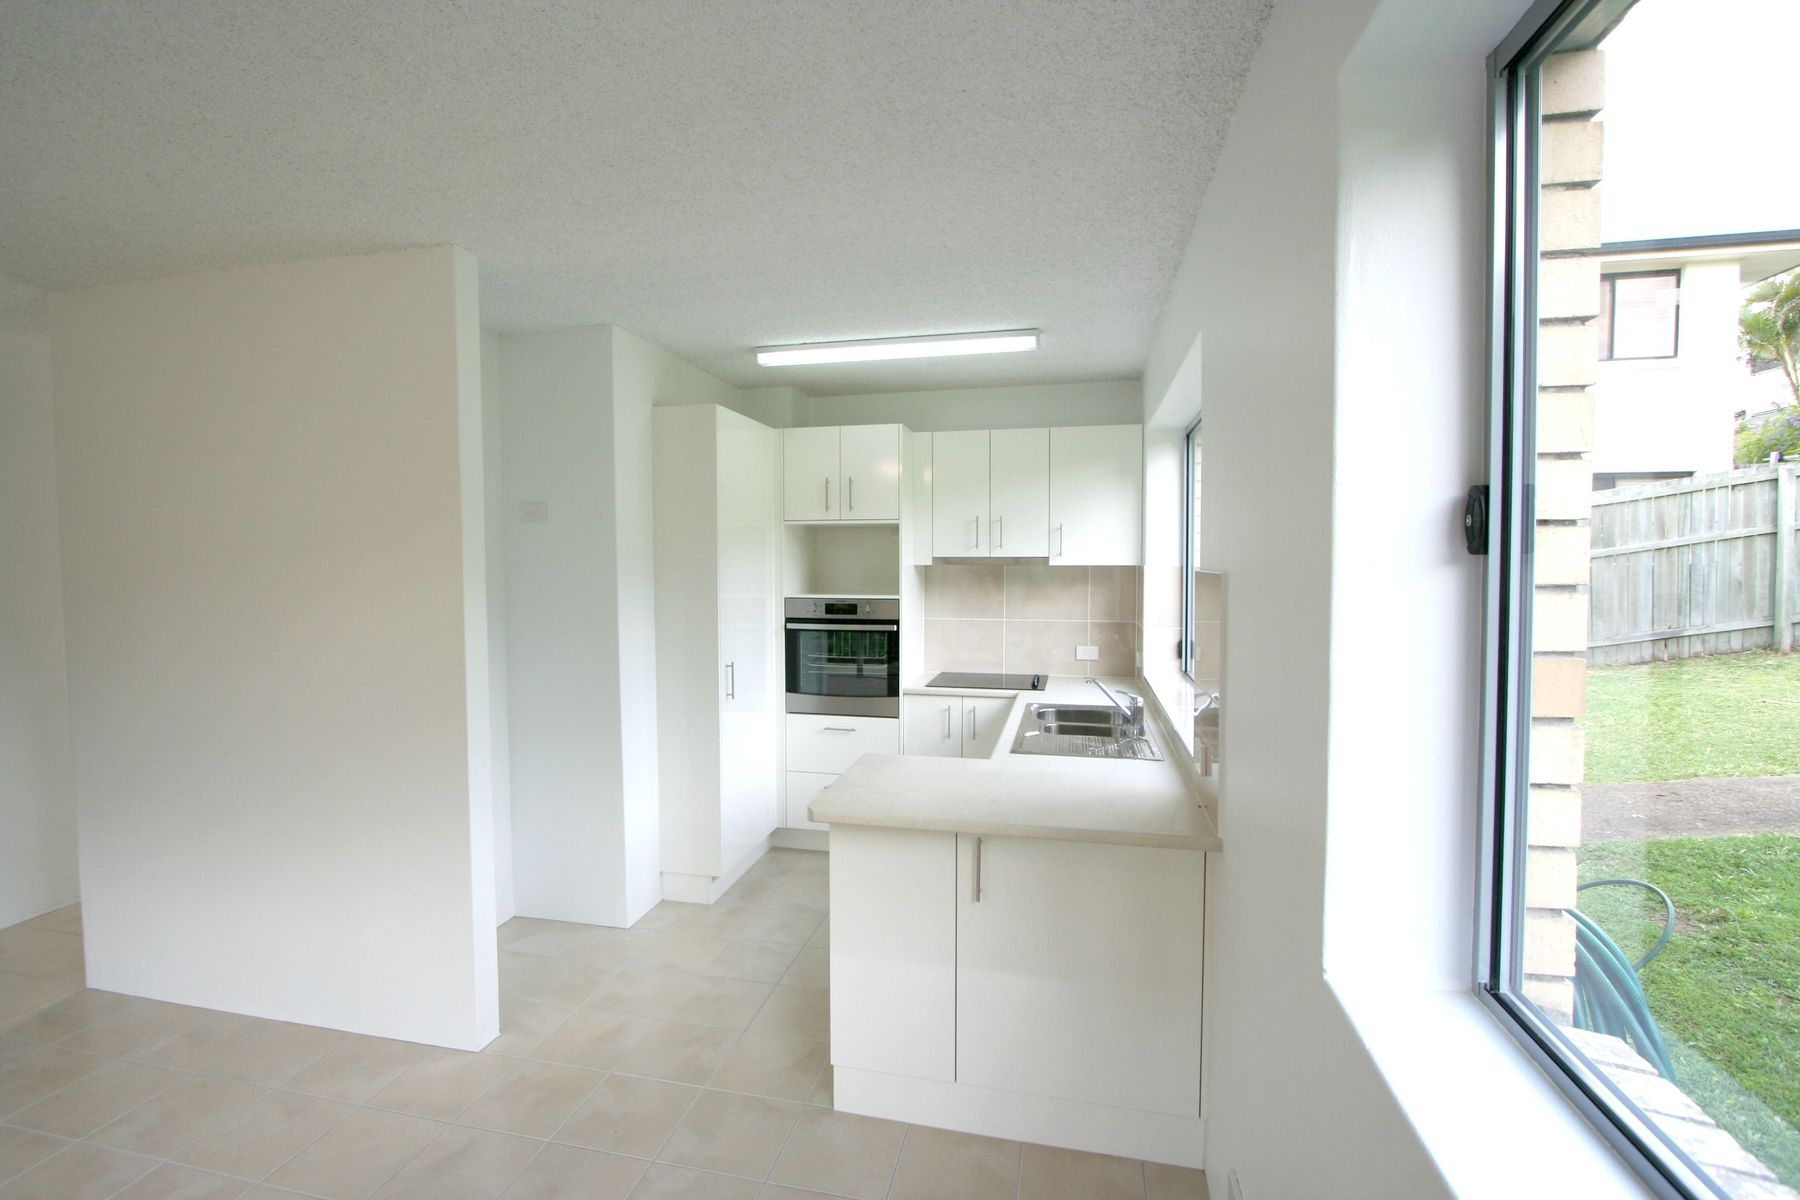 6/165 Brisbane Street, Bulimba, QLD 4171